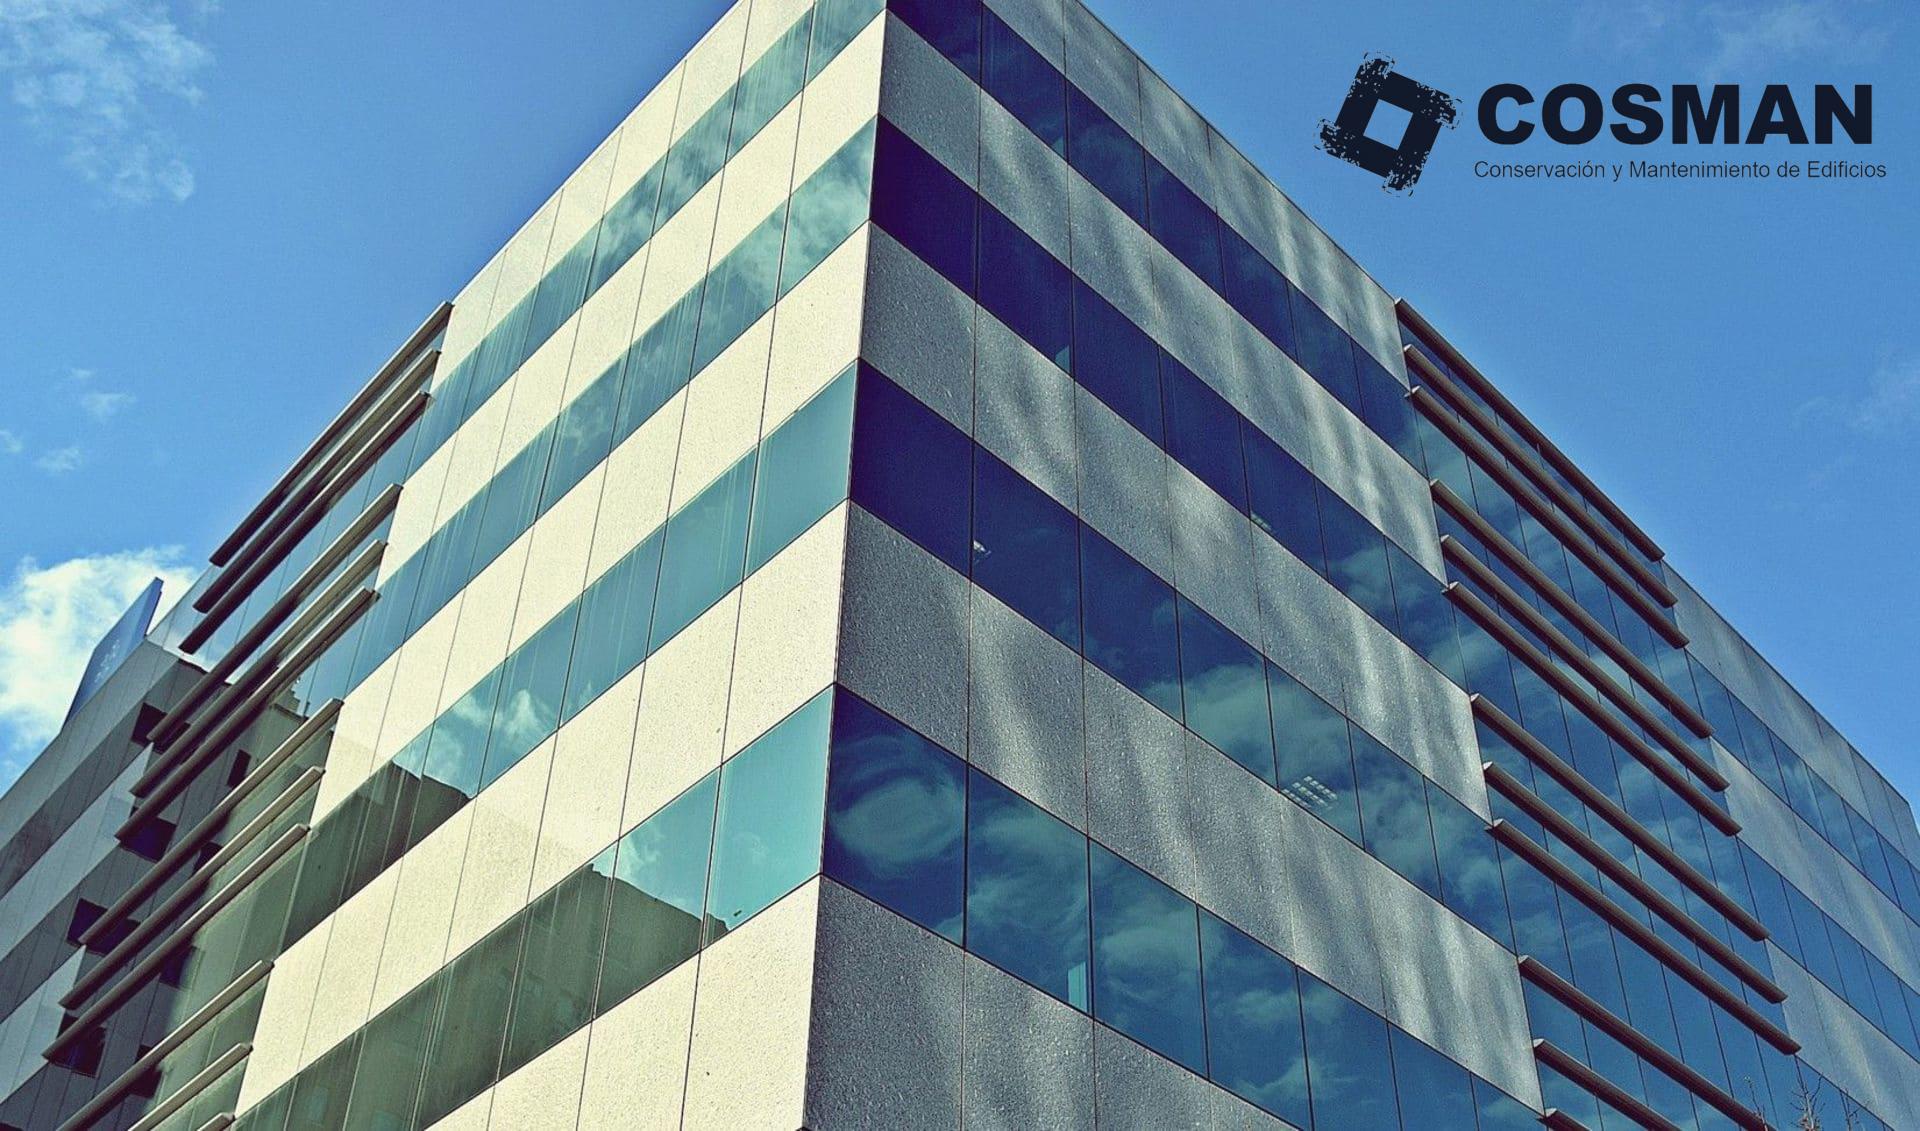 COSMAN Conservación y Mantenimiento de Edificios, S.L.